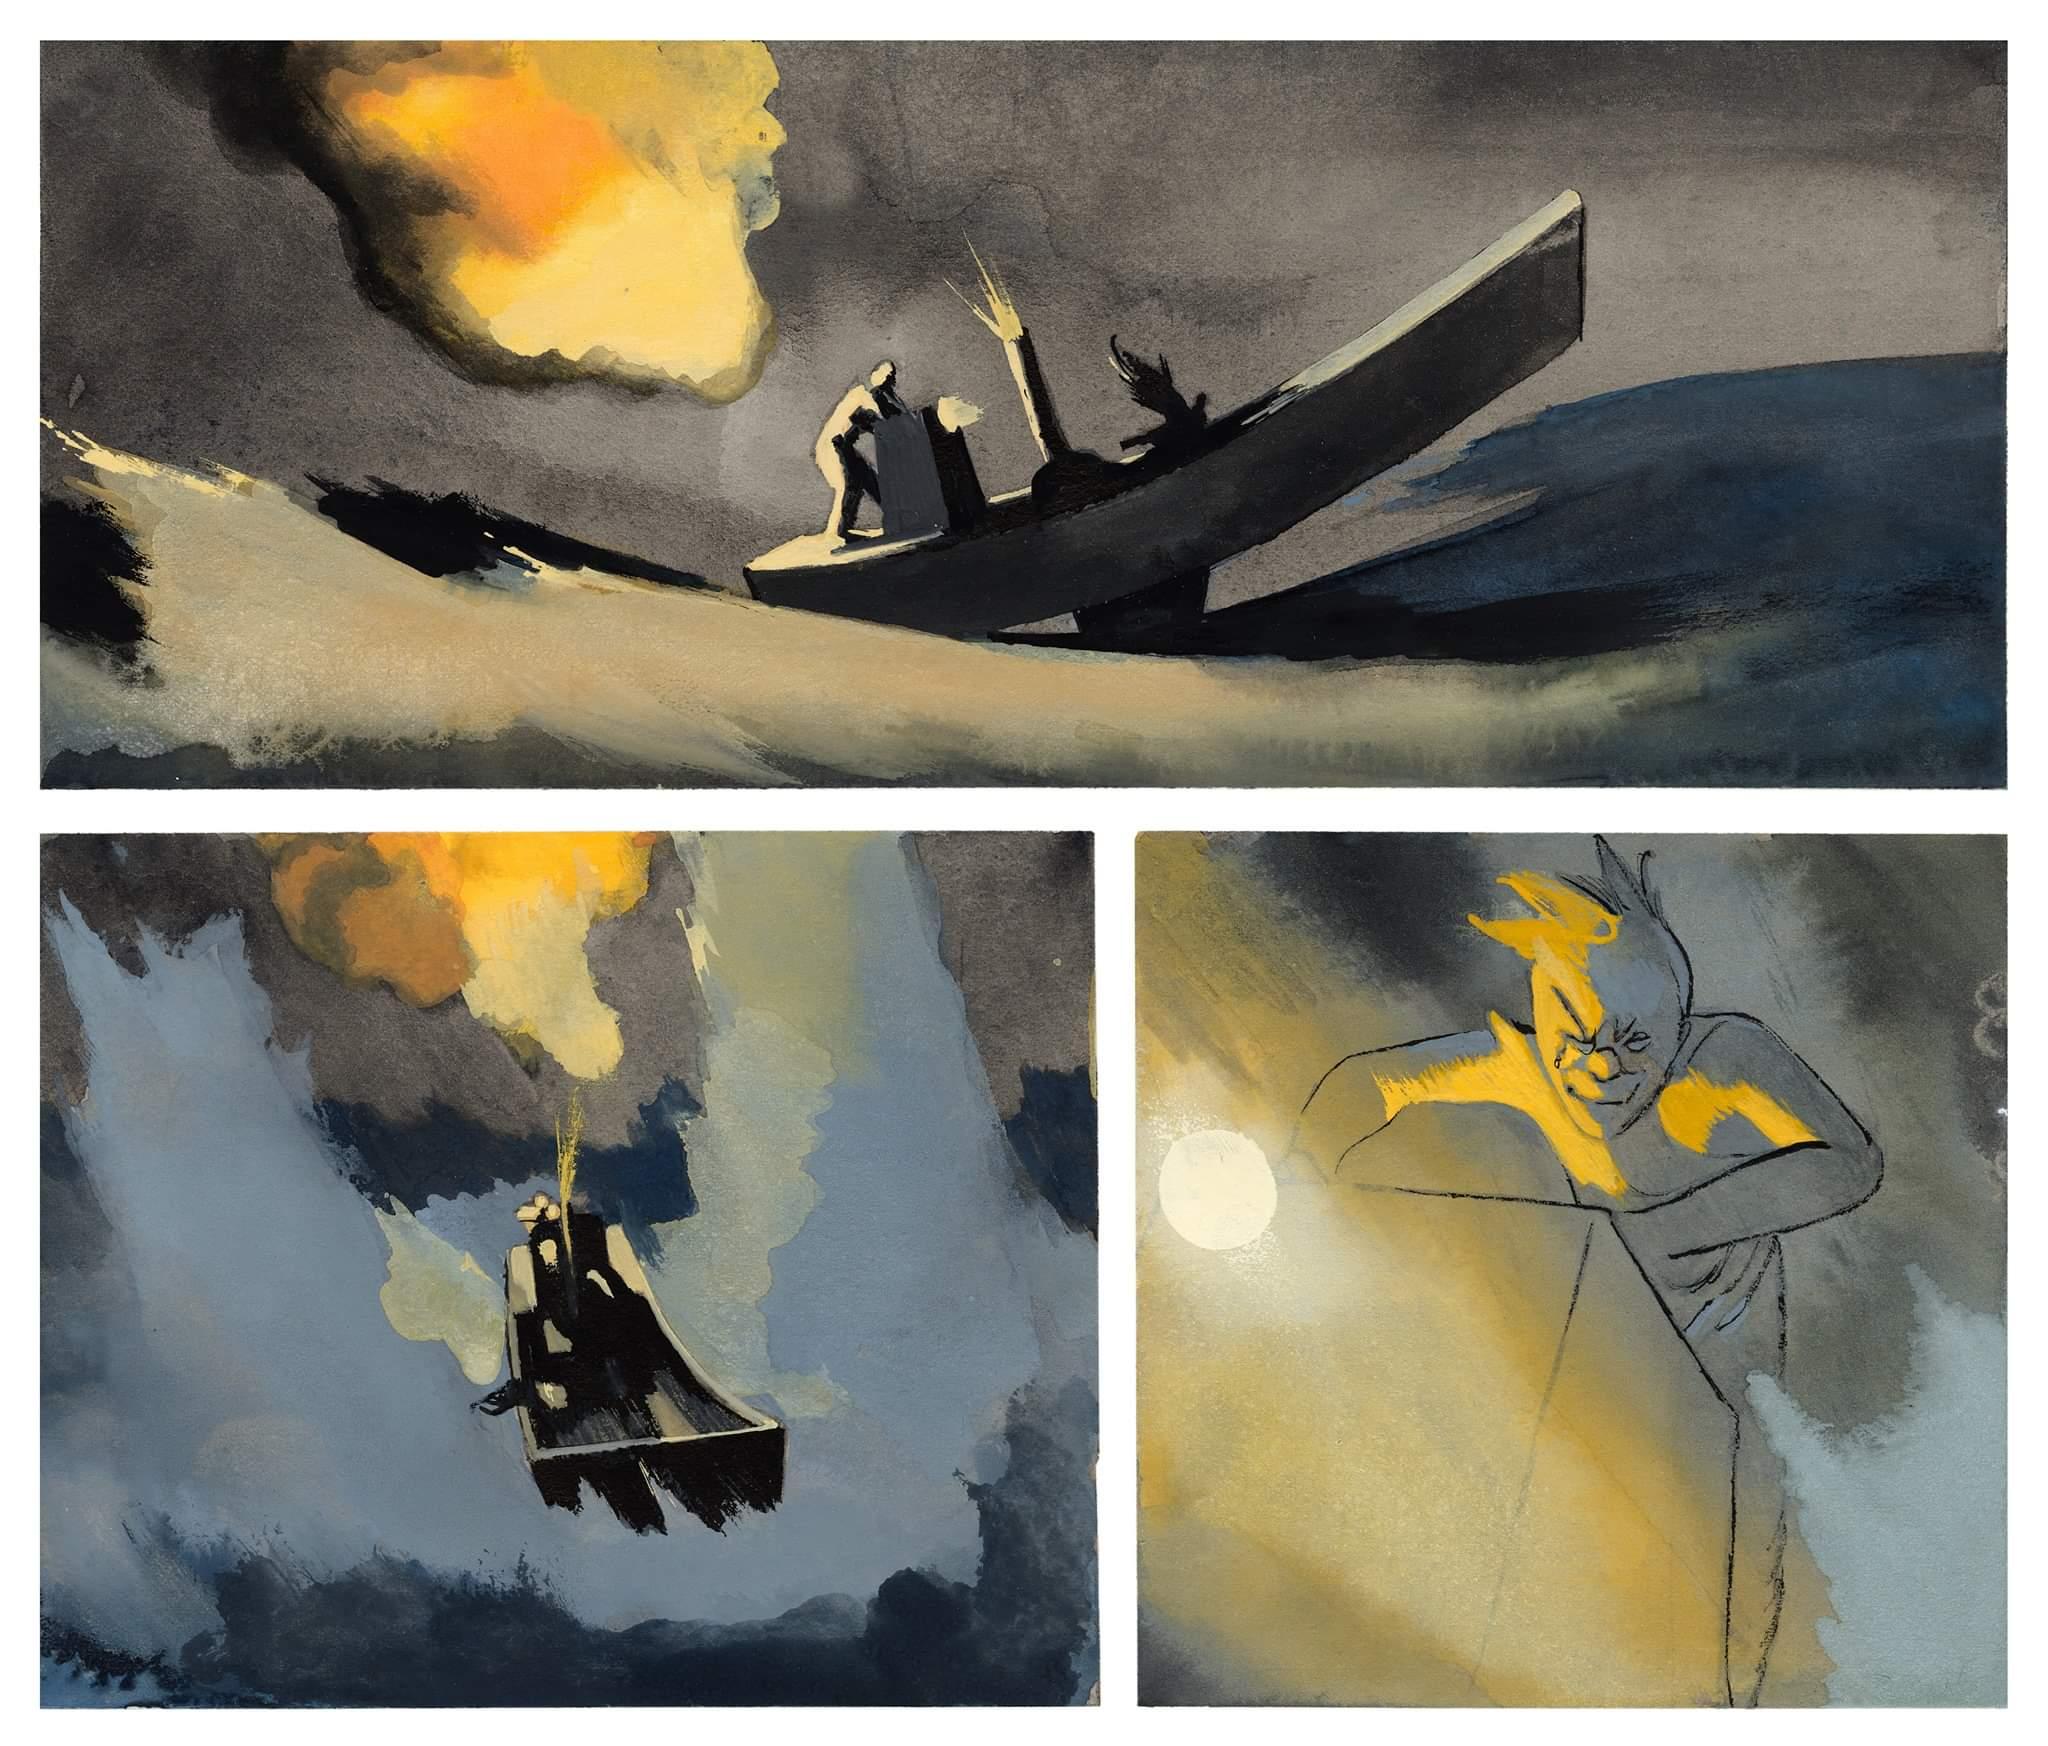 Questa immagine di una barca in silhouette nel mezzo di una tempesta sembra essere uscita da una storia di Paperino (ovviamente rimaneggiata attraverso lo stile-Fior: il leone non è altro che montone assimilato).